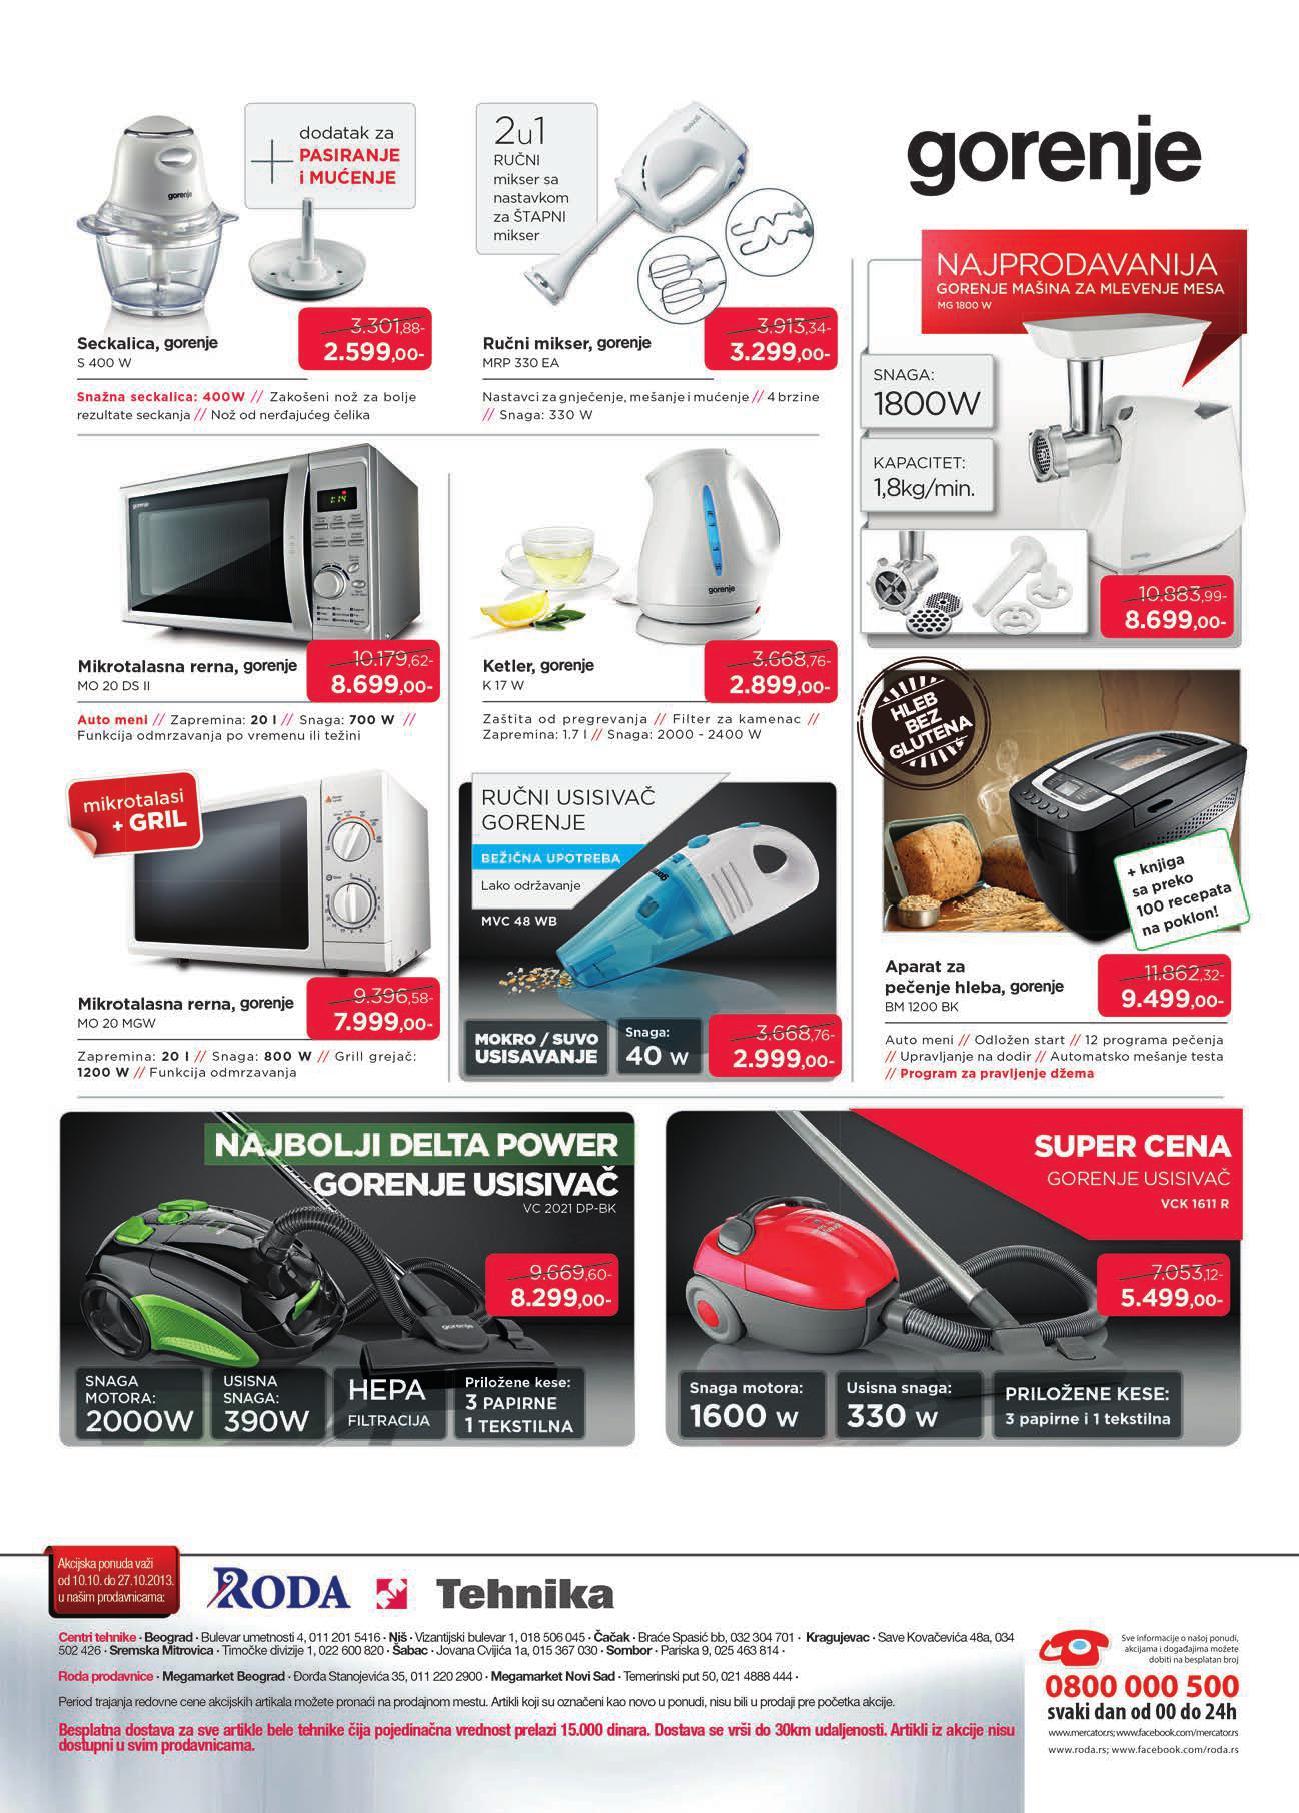 Roda katalog Gorenje proizvodi po super ceni